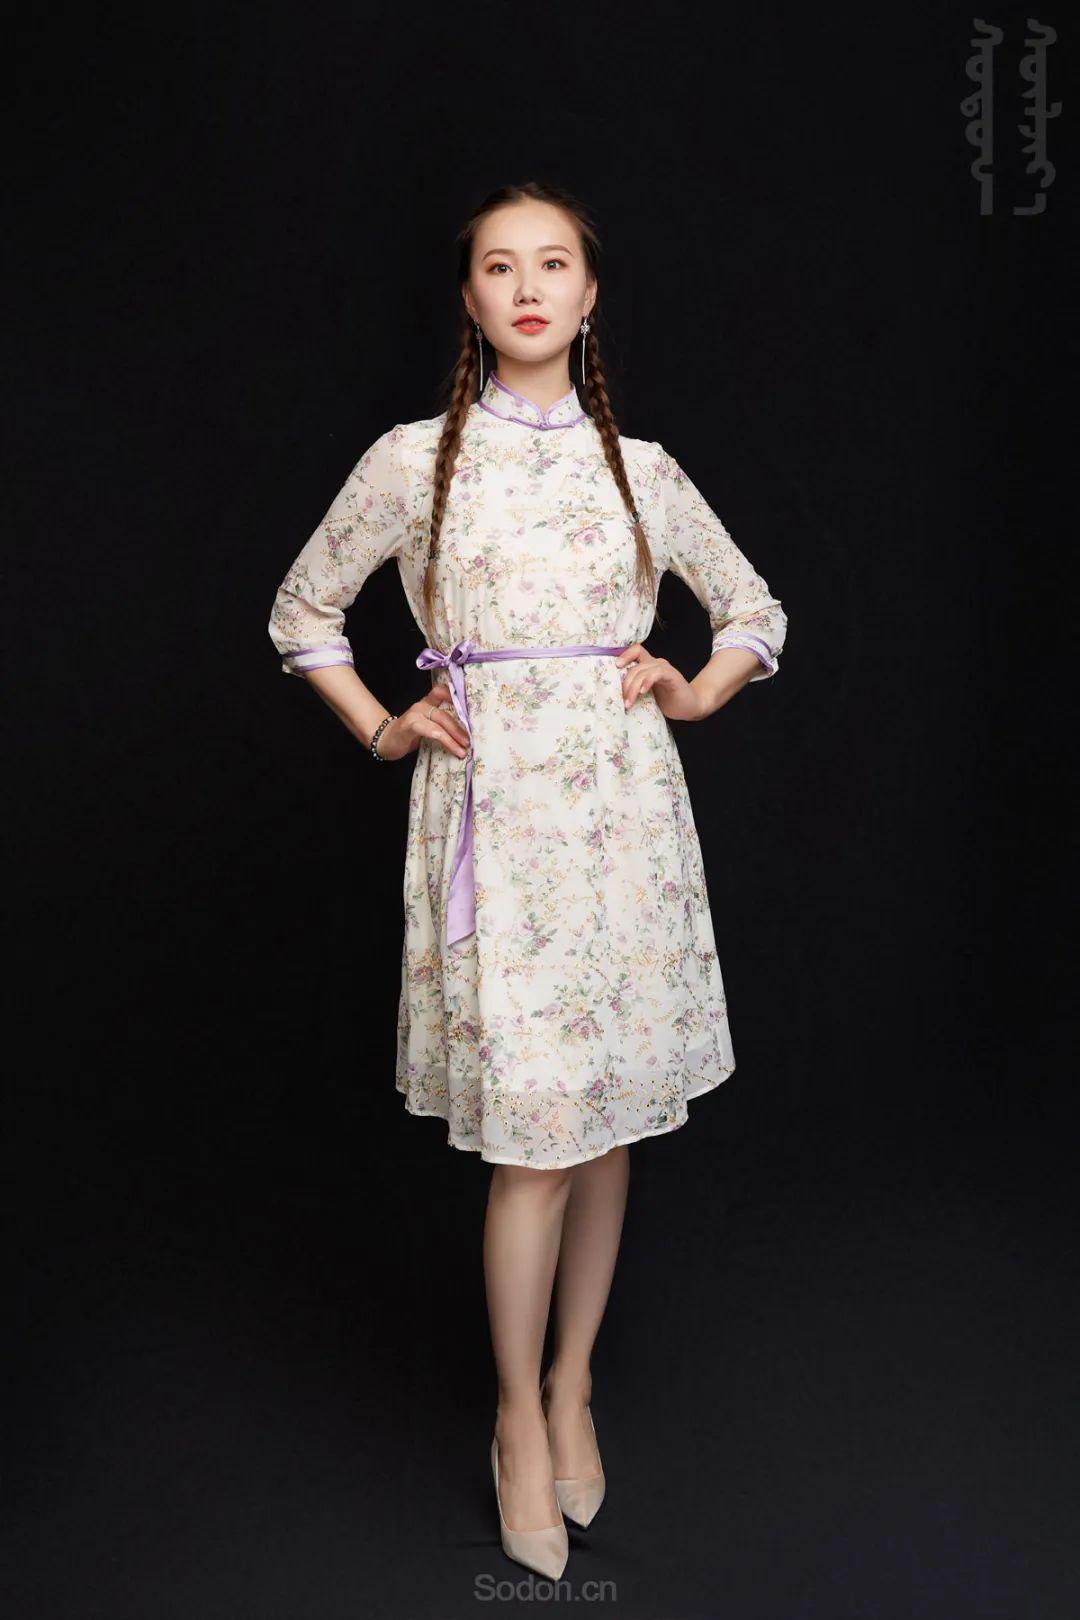 DOMOG蒙古时装2020新款夏季连衣裙首发,618钜惠七折! 第10张